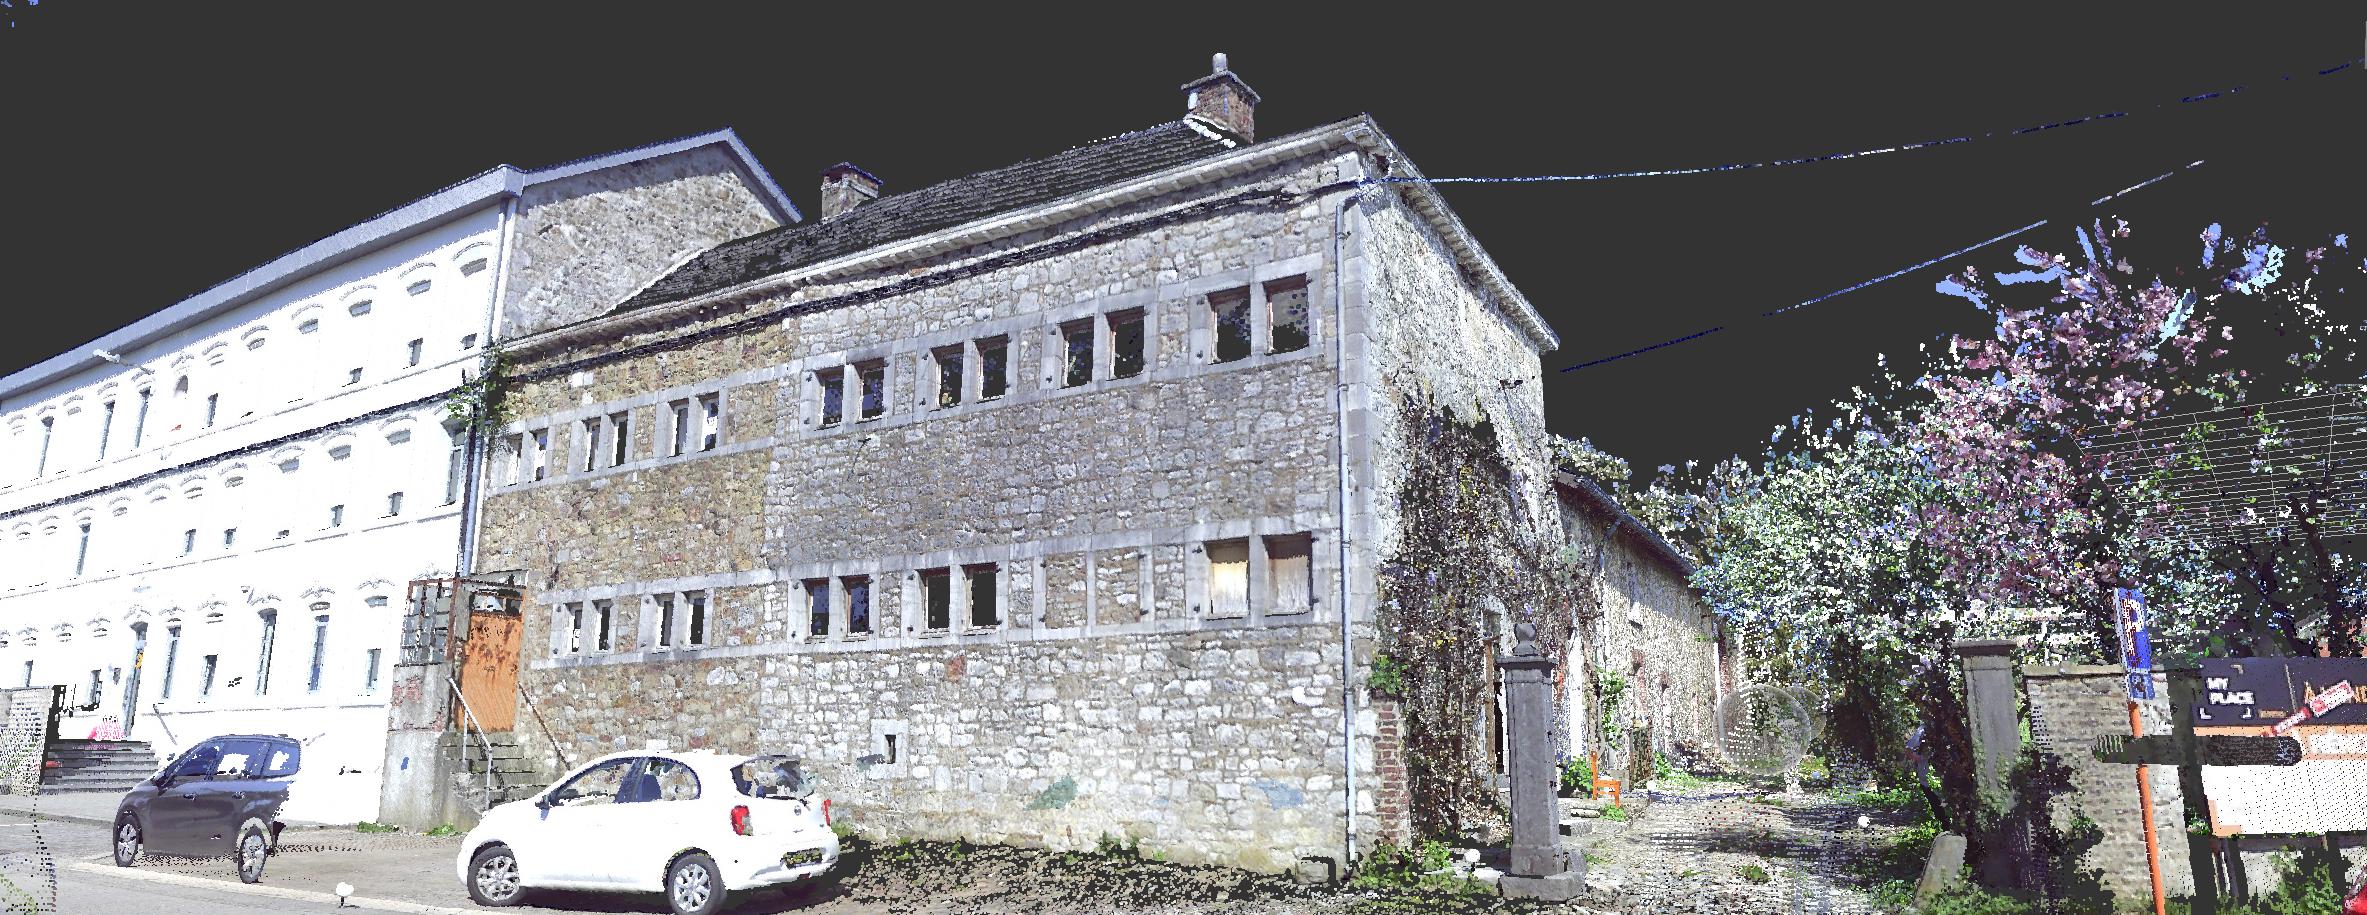 Nuage de points rassemblé pour obtenir les facades d'un bâtiment